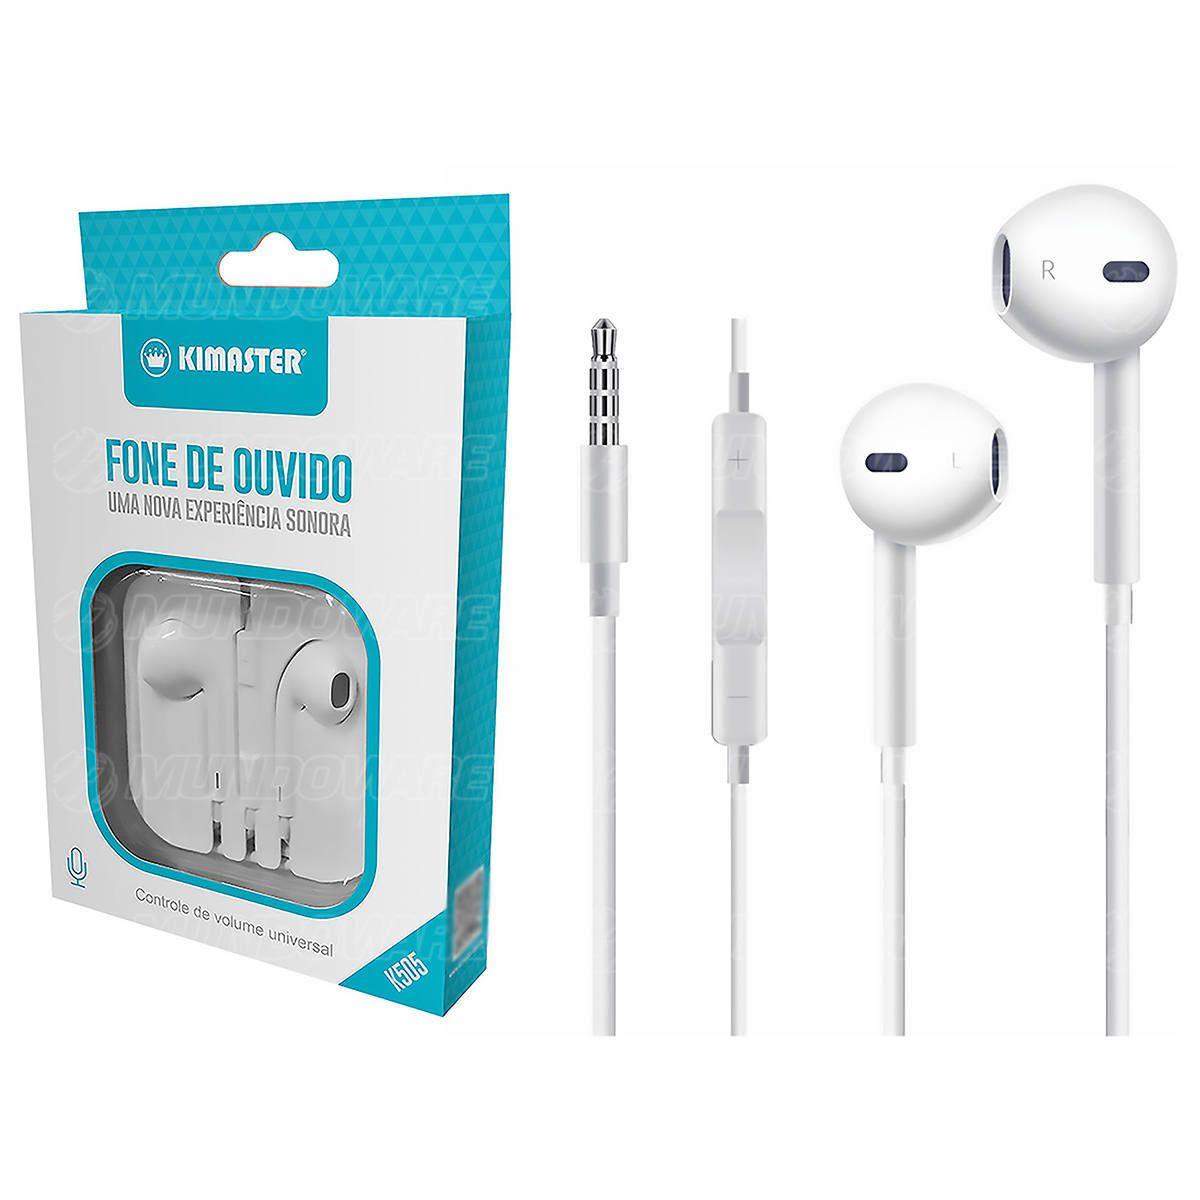 Fone de Ouvido Intra-auricular Controle com Microfone Integrado e Ajuste de Volume no Cabo Kimaster K505